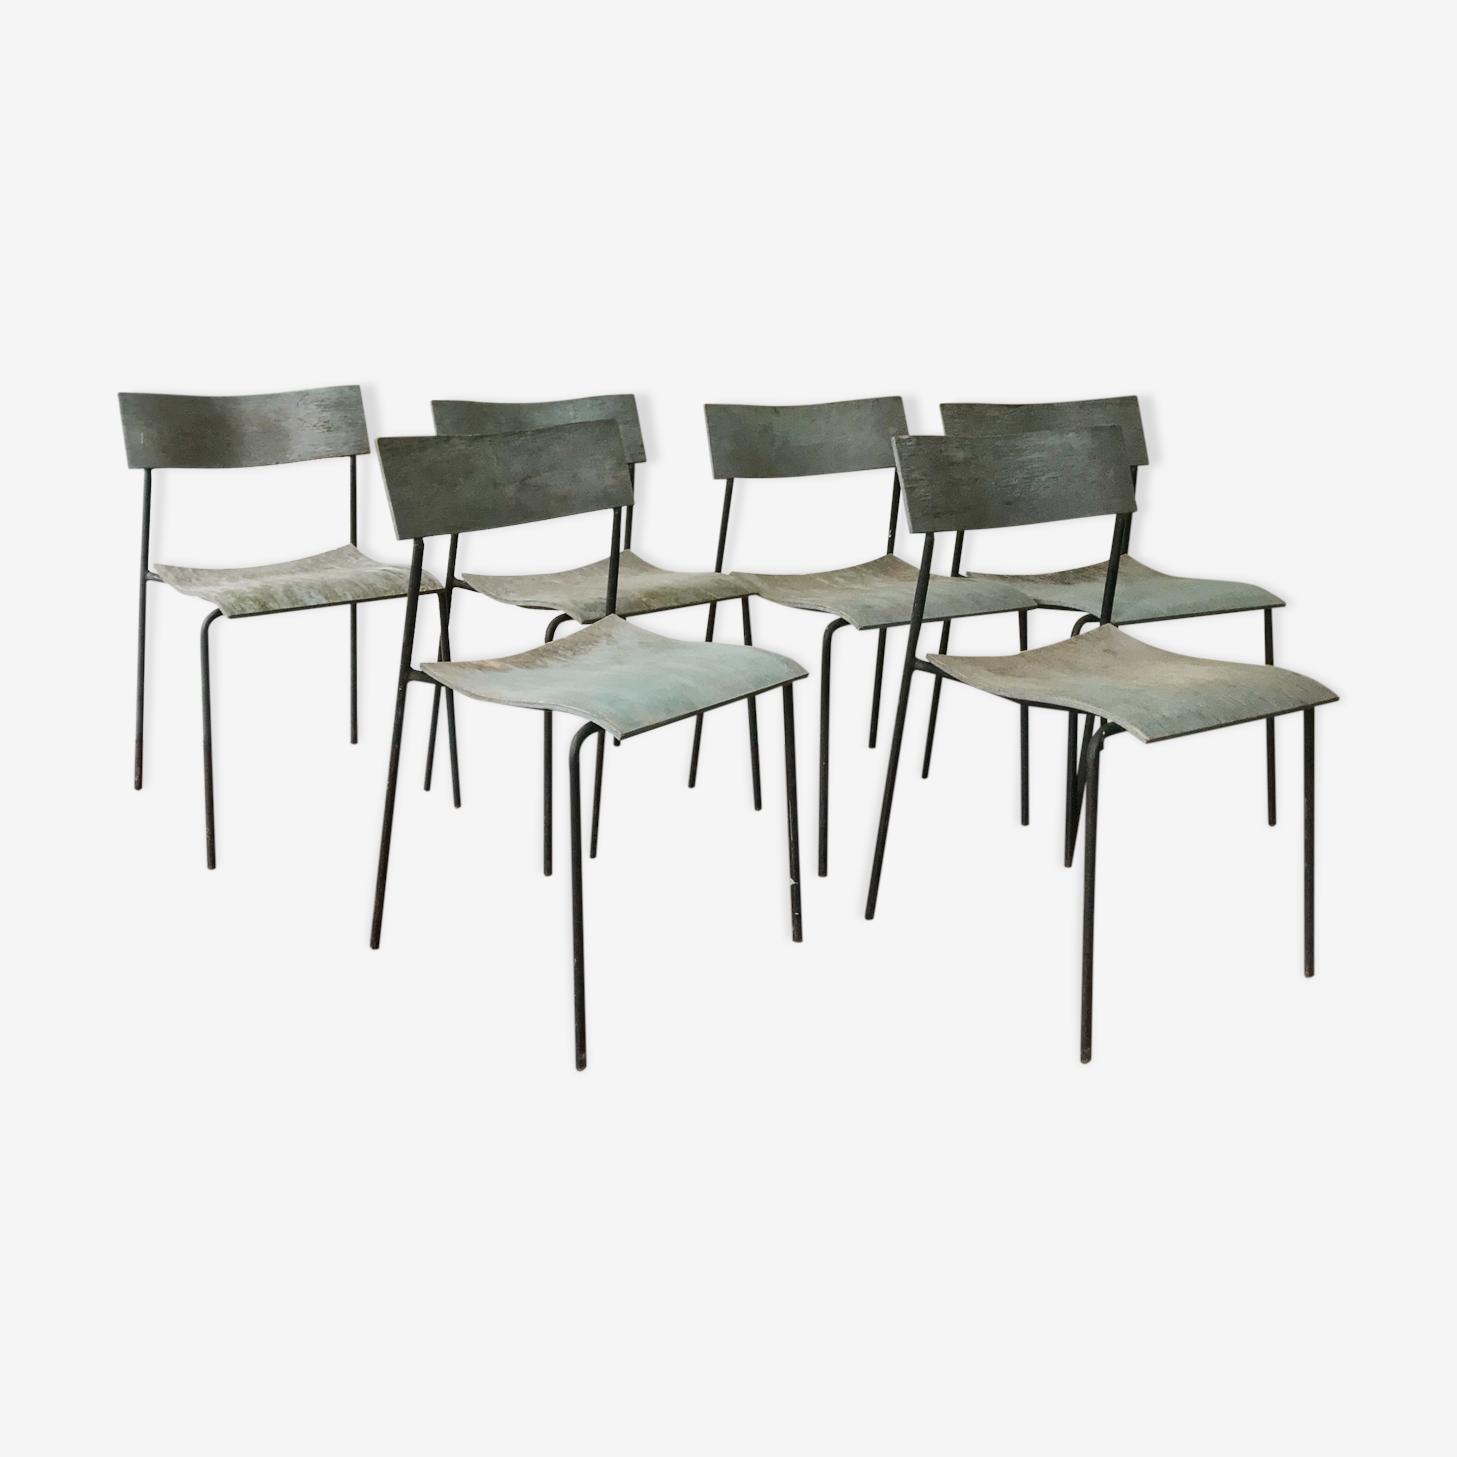 Série de 6 chaises organique par le duo Foersom & Hiort Lorenzon